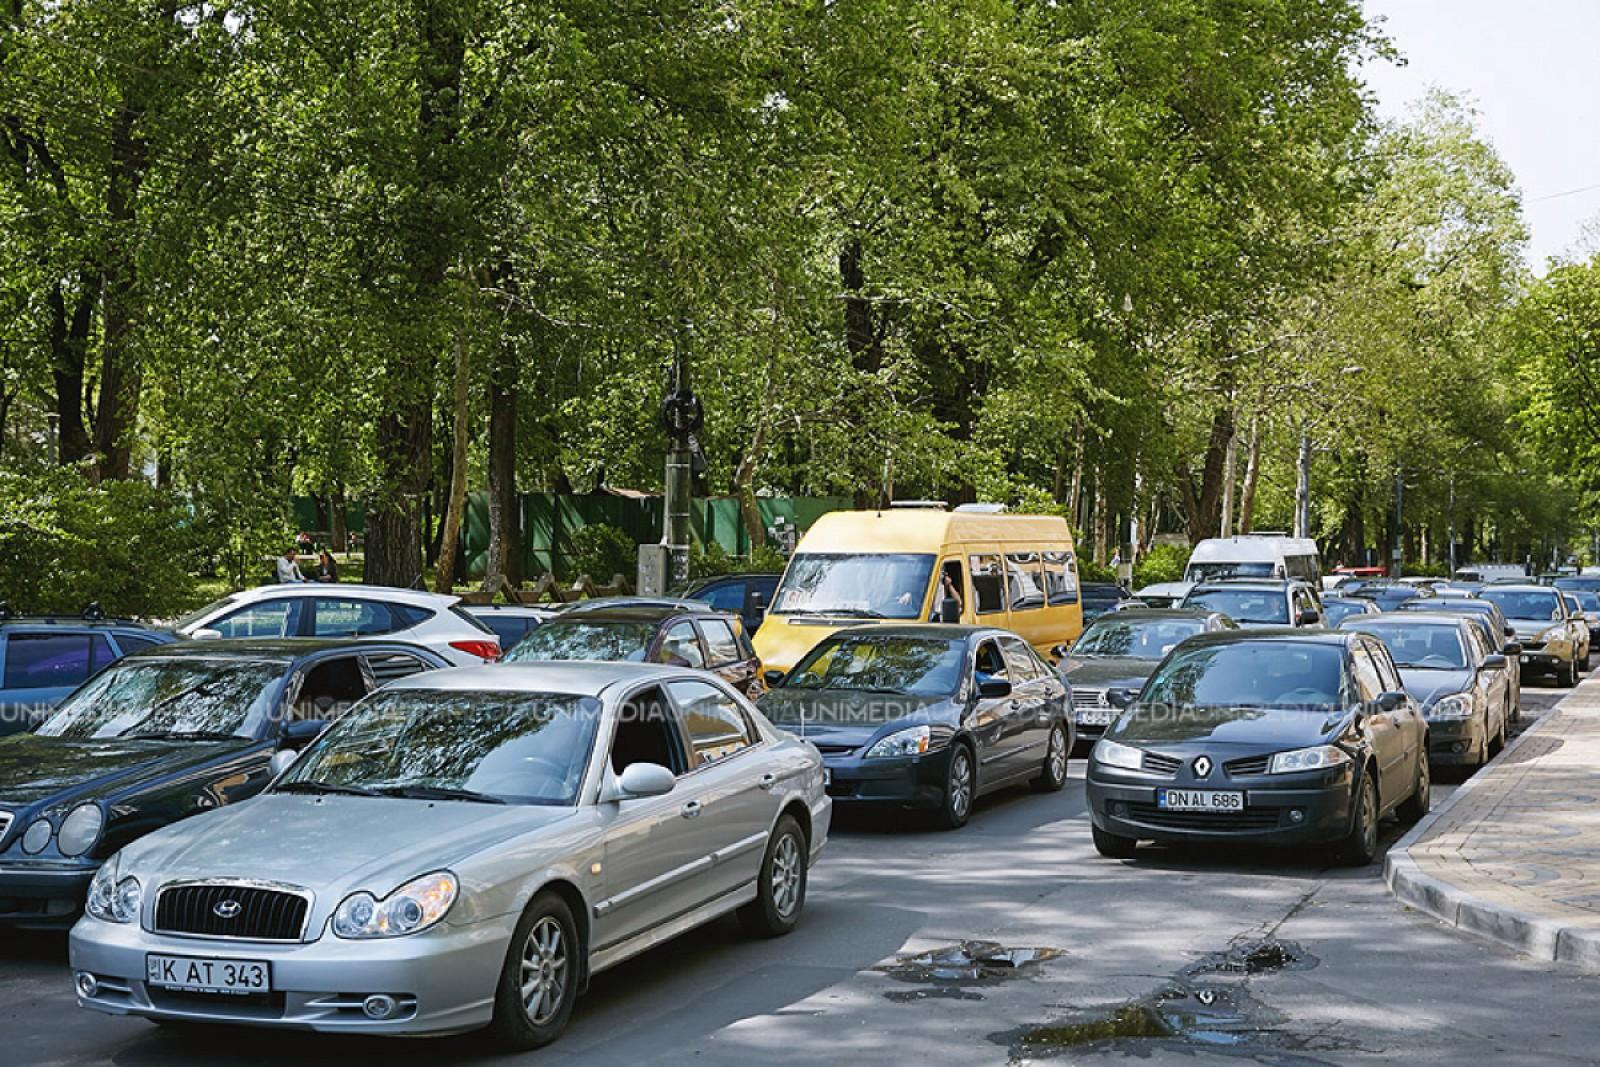 Cum se va circulă în adiacentul Cimitirului Central Armenesc și Cimitirului Sf. Lazăr astăzi